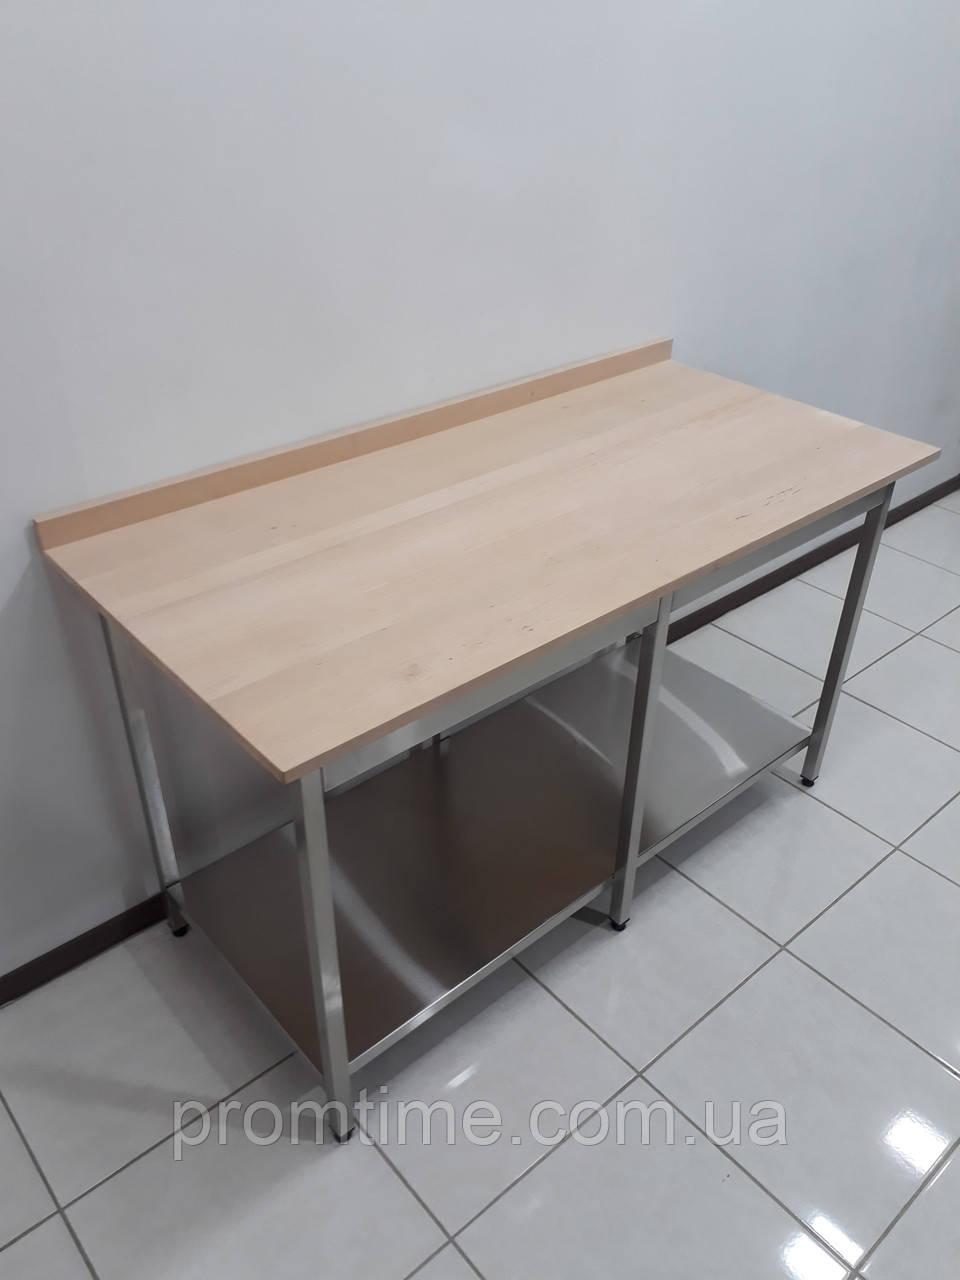 Стол для мучных работ 1450х700х850